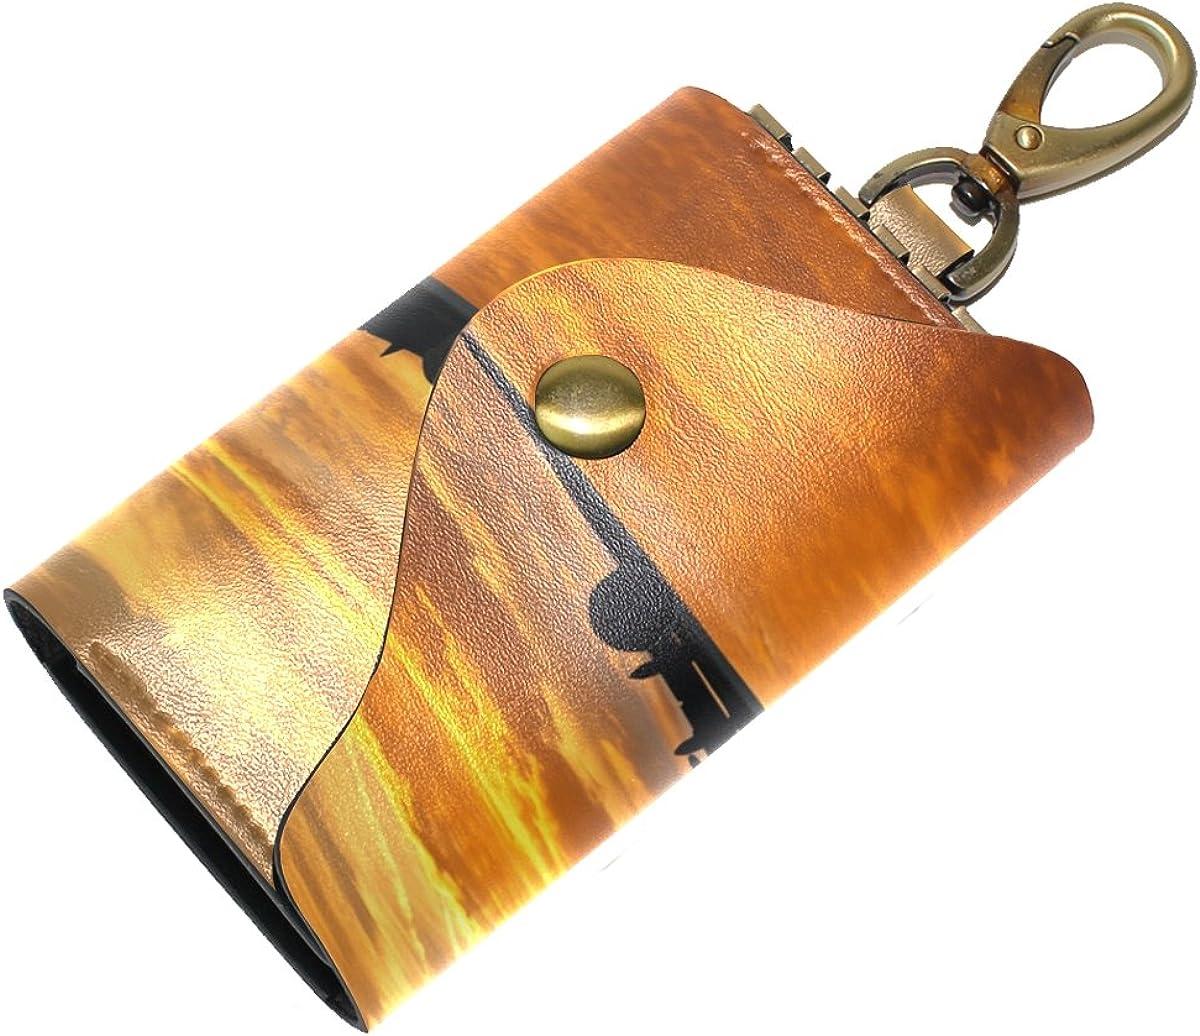 DEYYA Passenger Jet Plane Flying Leather Key Case Wallets Unisex Keychain Key Holder with 6 Hooks Snap Closure